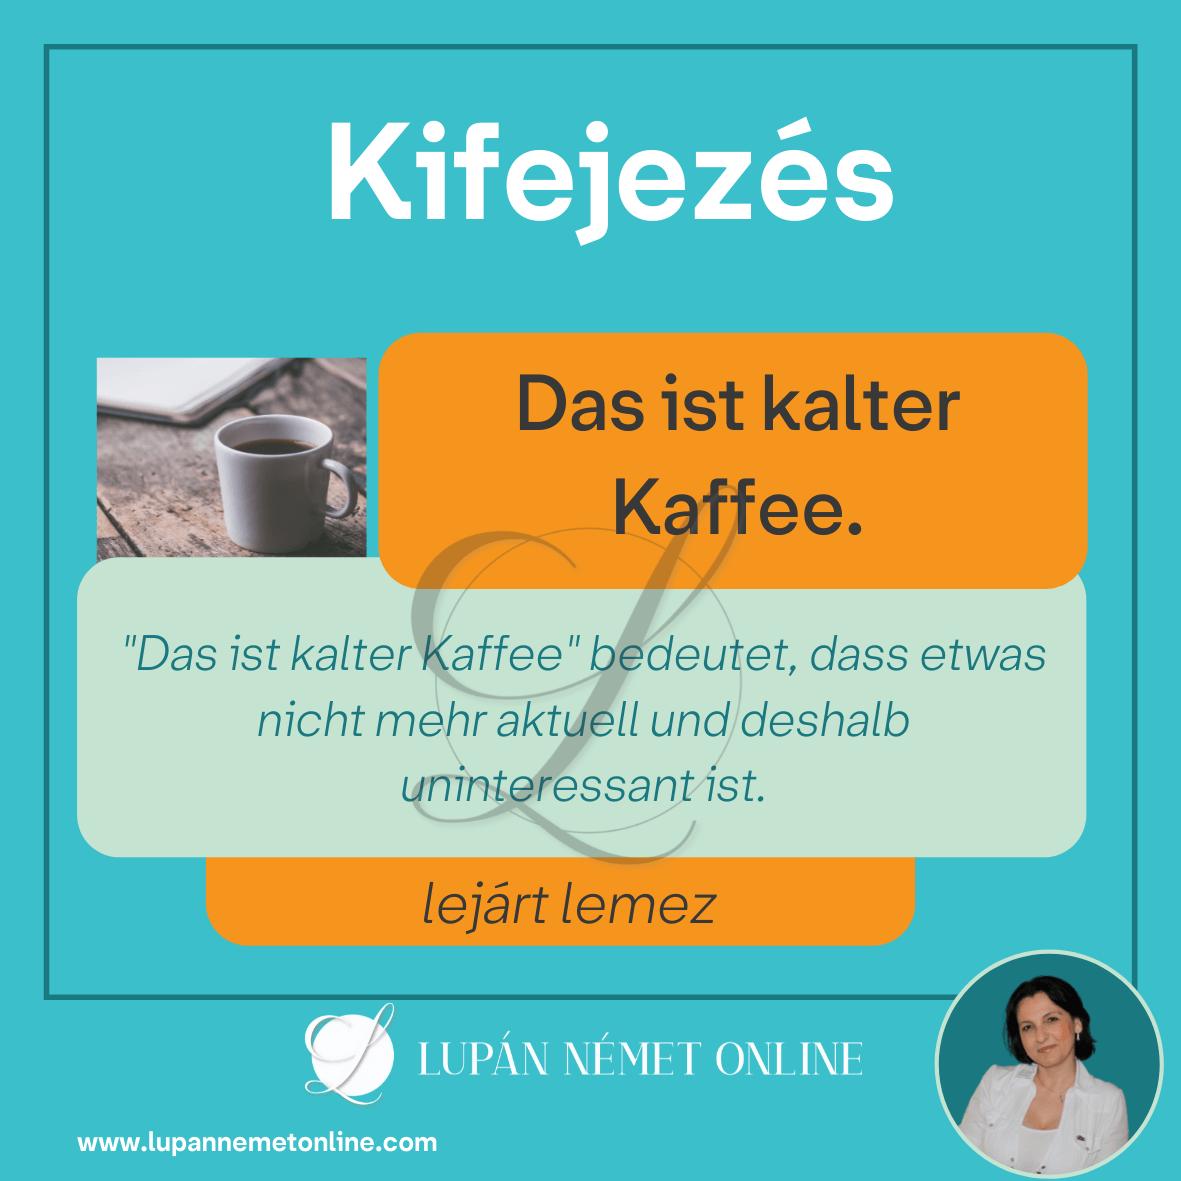 Kifejezés_kalter-Kaffee